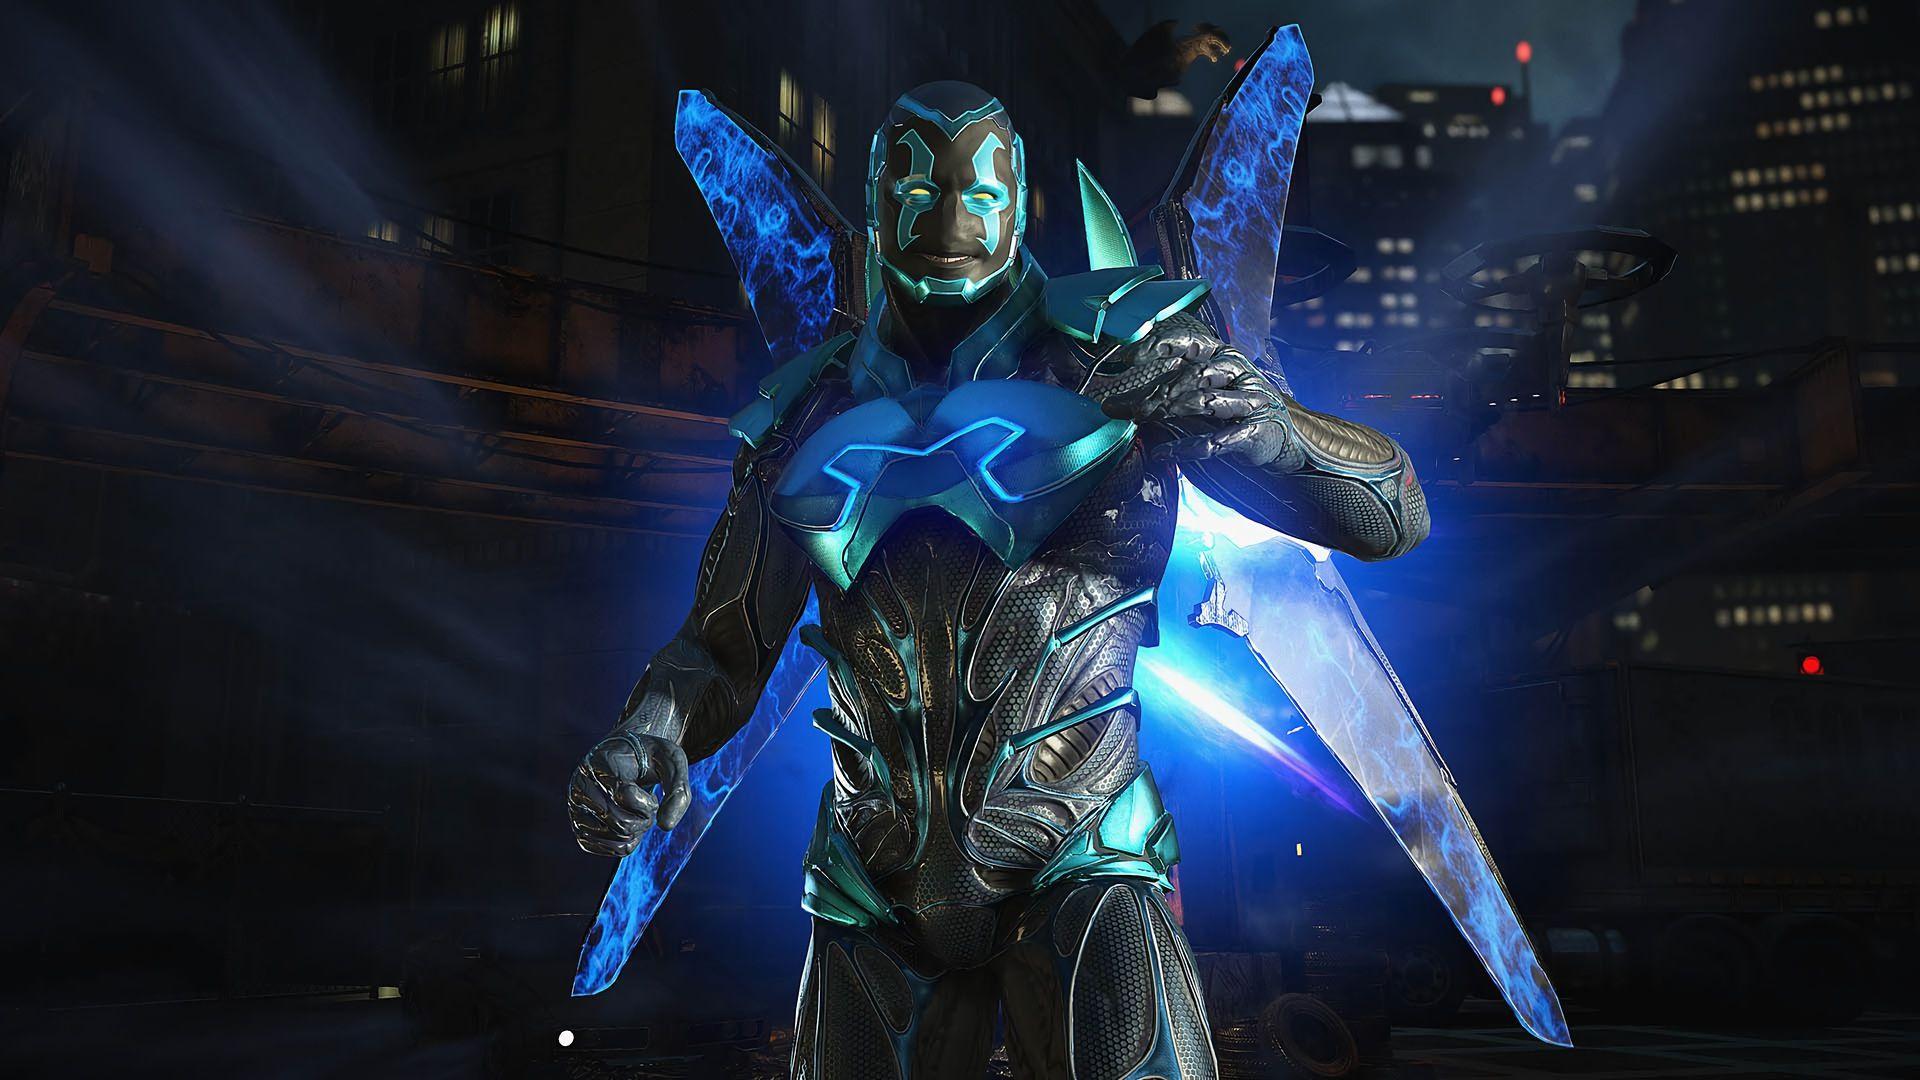 Супергеройский фильм про Синего Жука из DC выйдет сразу на HBO Max